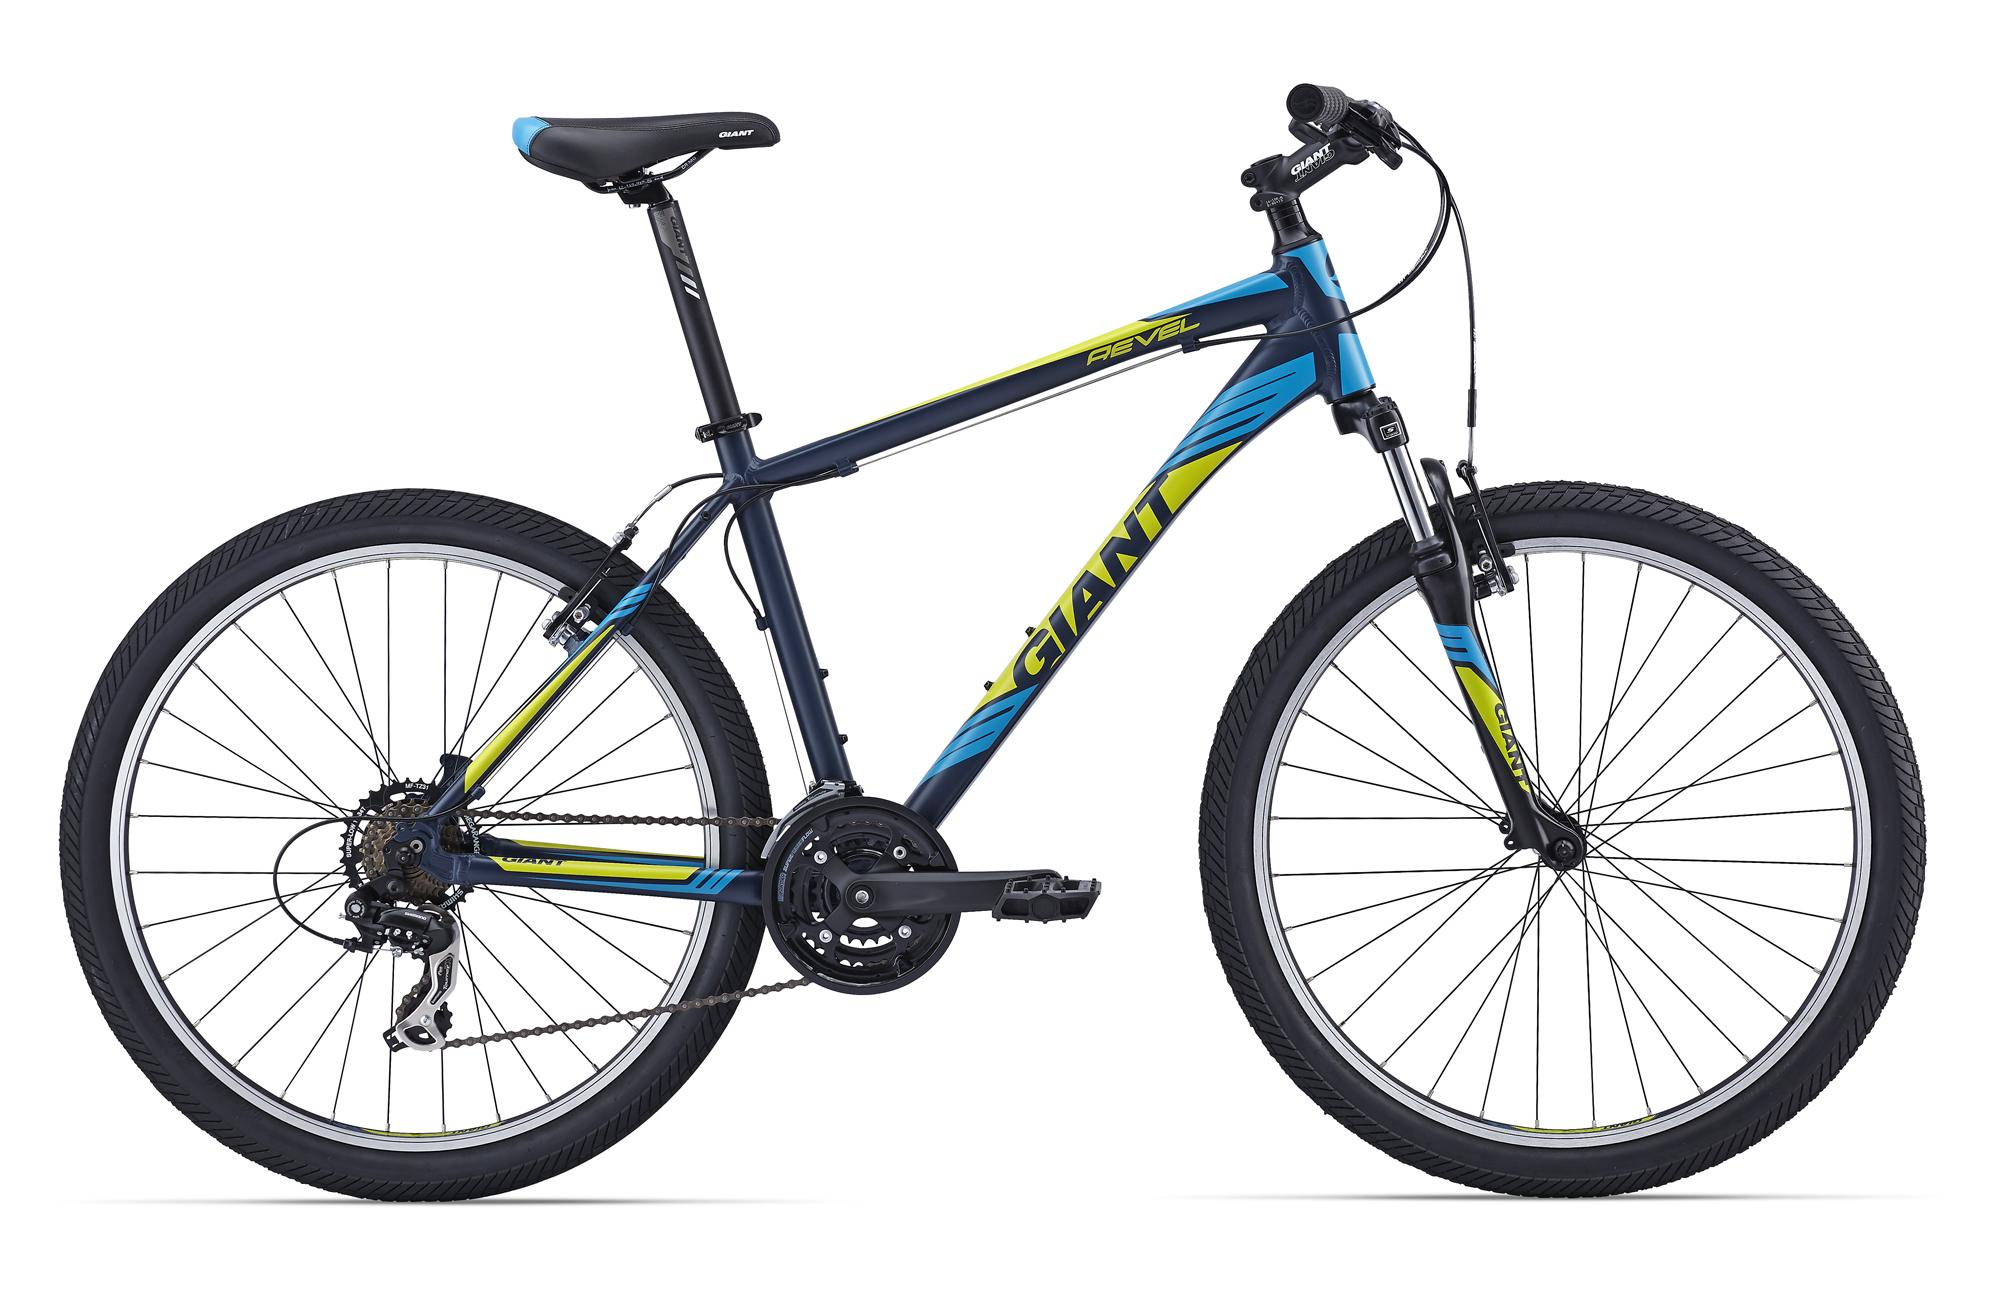 Велосипед Revel 2 Колесо:26 Рама:XL Цвет:Темно СинийВелосипеды<br><br><br>Артикул: 60041127<br>Бренд: Giant<br>Возрастная группа: взрослый<br>Пол: мужской